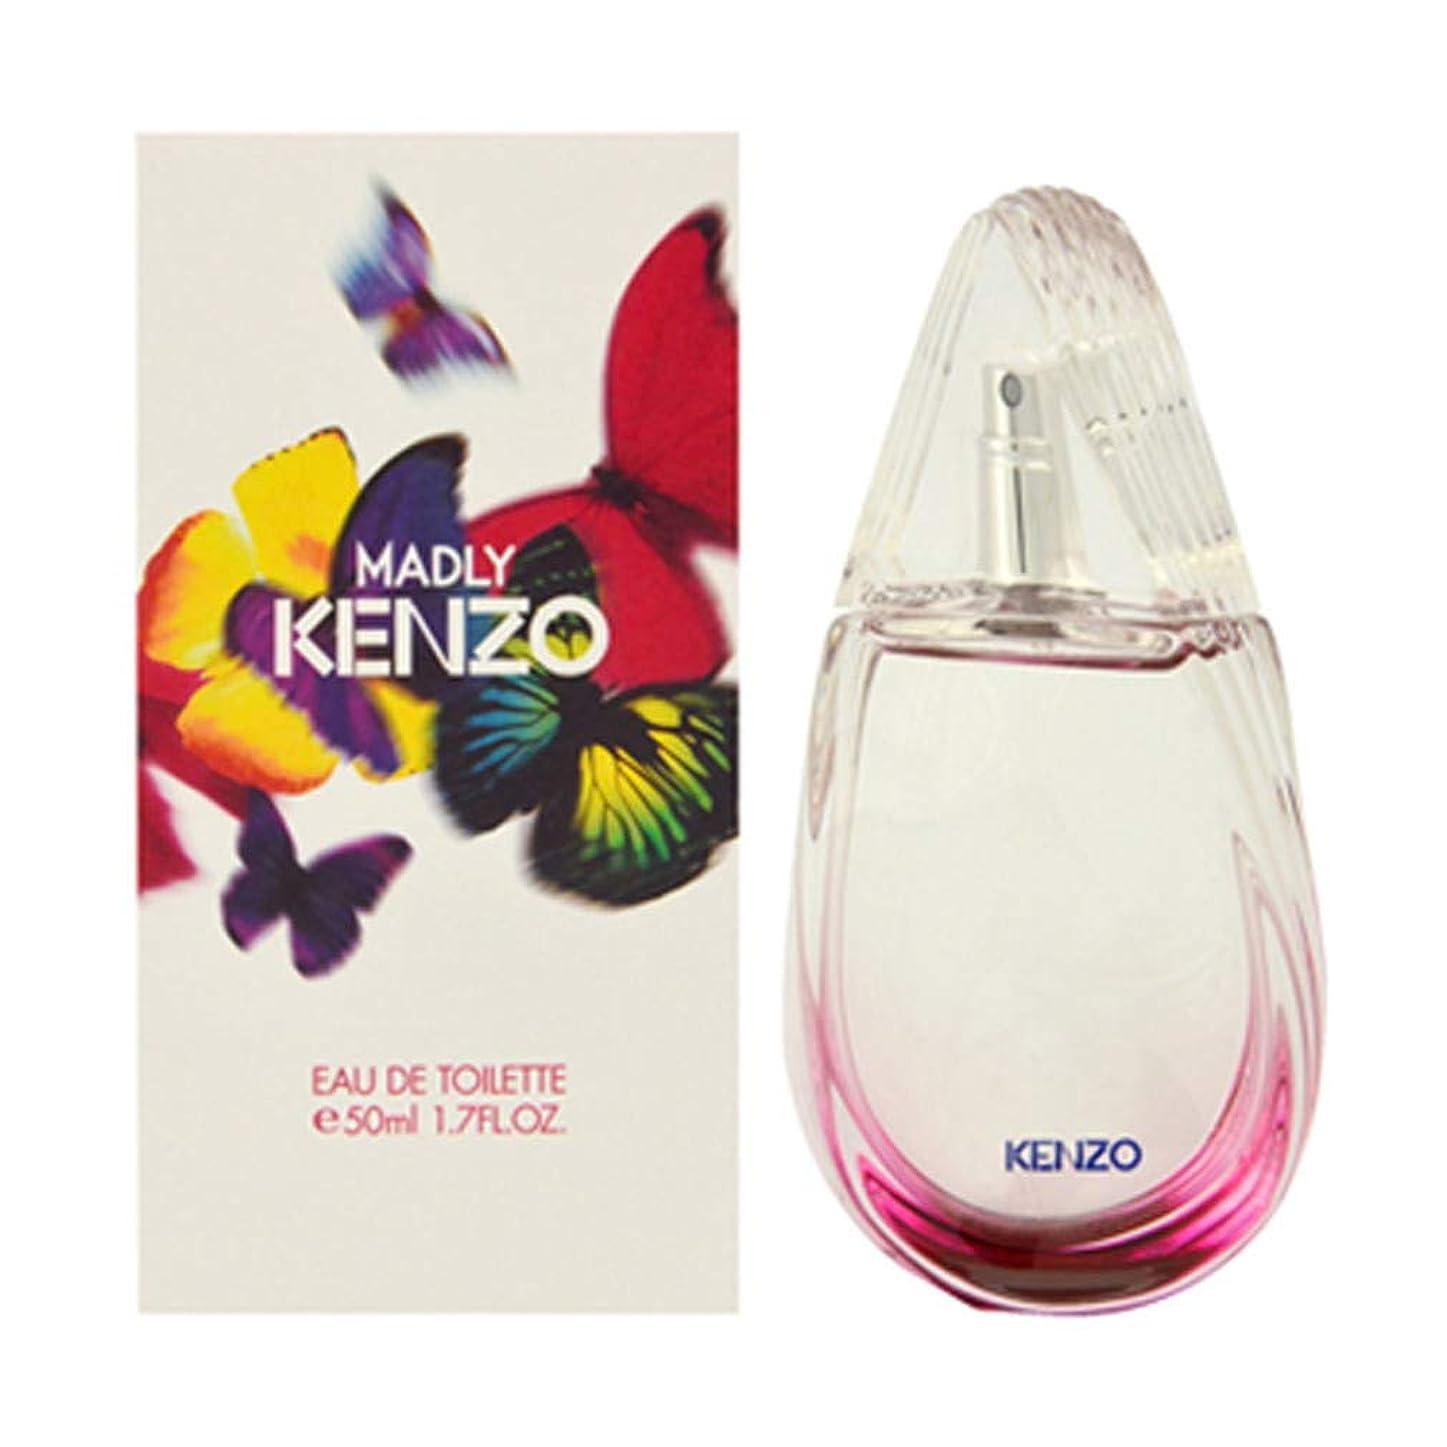 に勝る状態期待ケンゾー KENZO マドリーケンゾー レディース 香水 ET/SP/50ml 3505-KE-50 [kos-1]